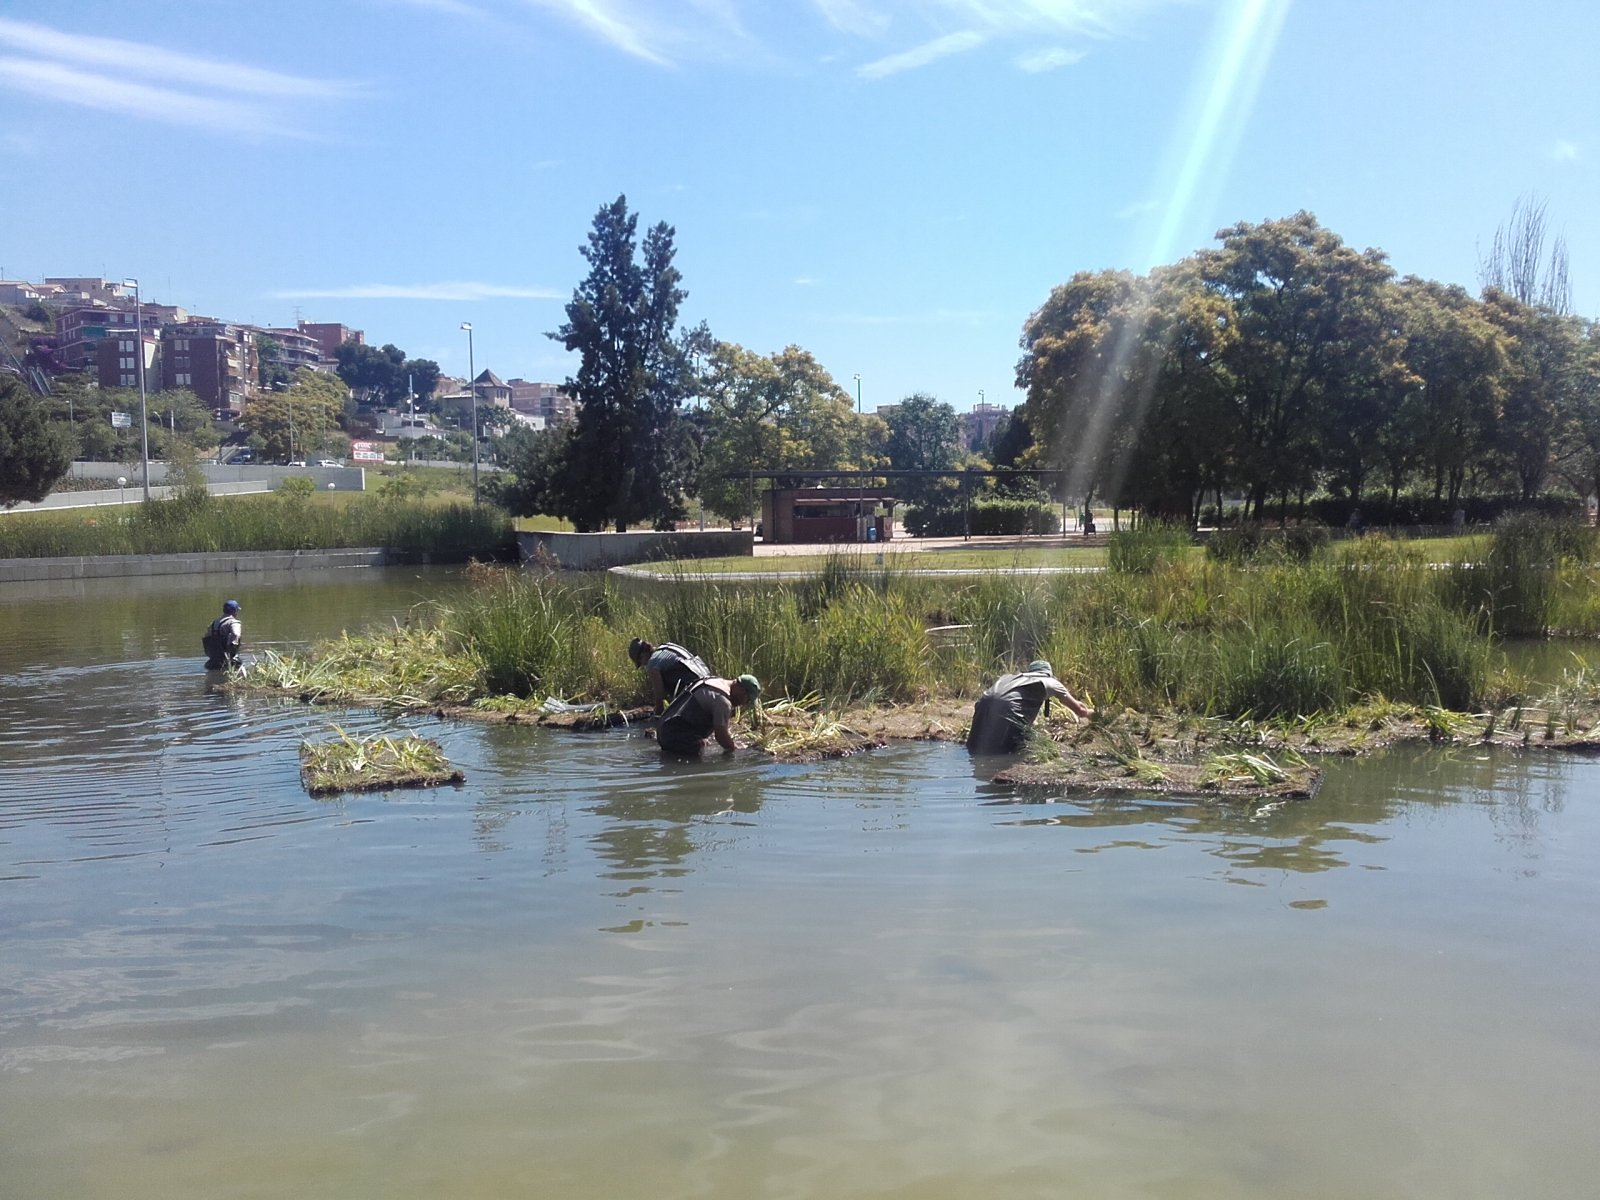 Col·locació de vegetació aquàtica al parc de Can Zam, a Santa Coloma de Gramenet